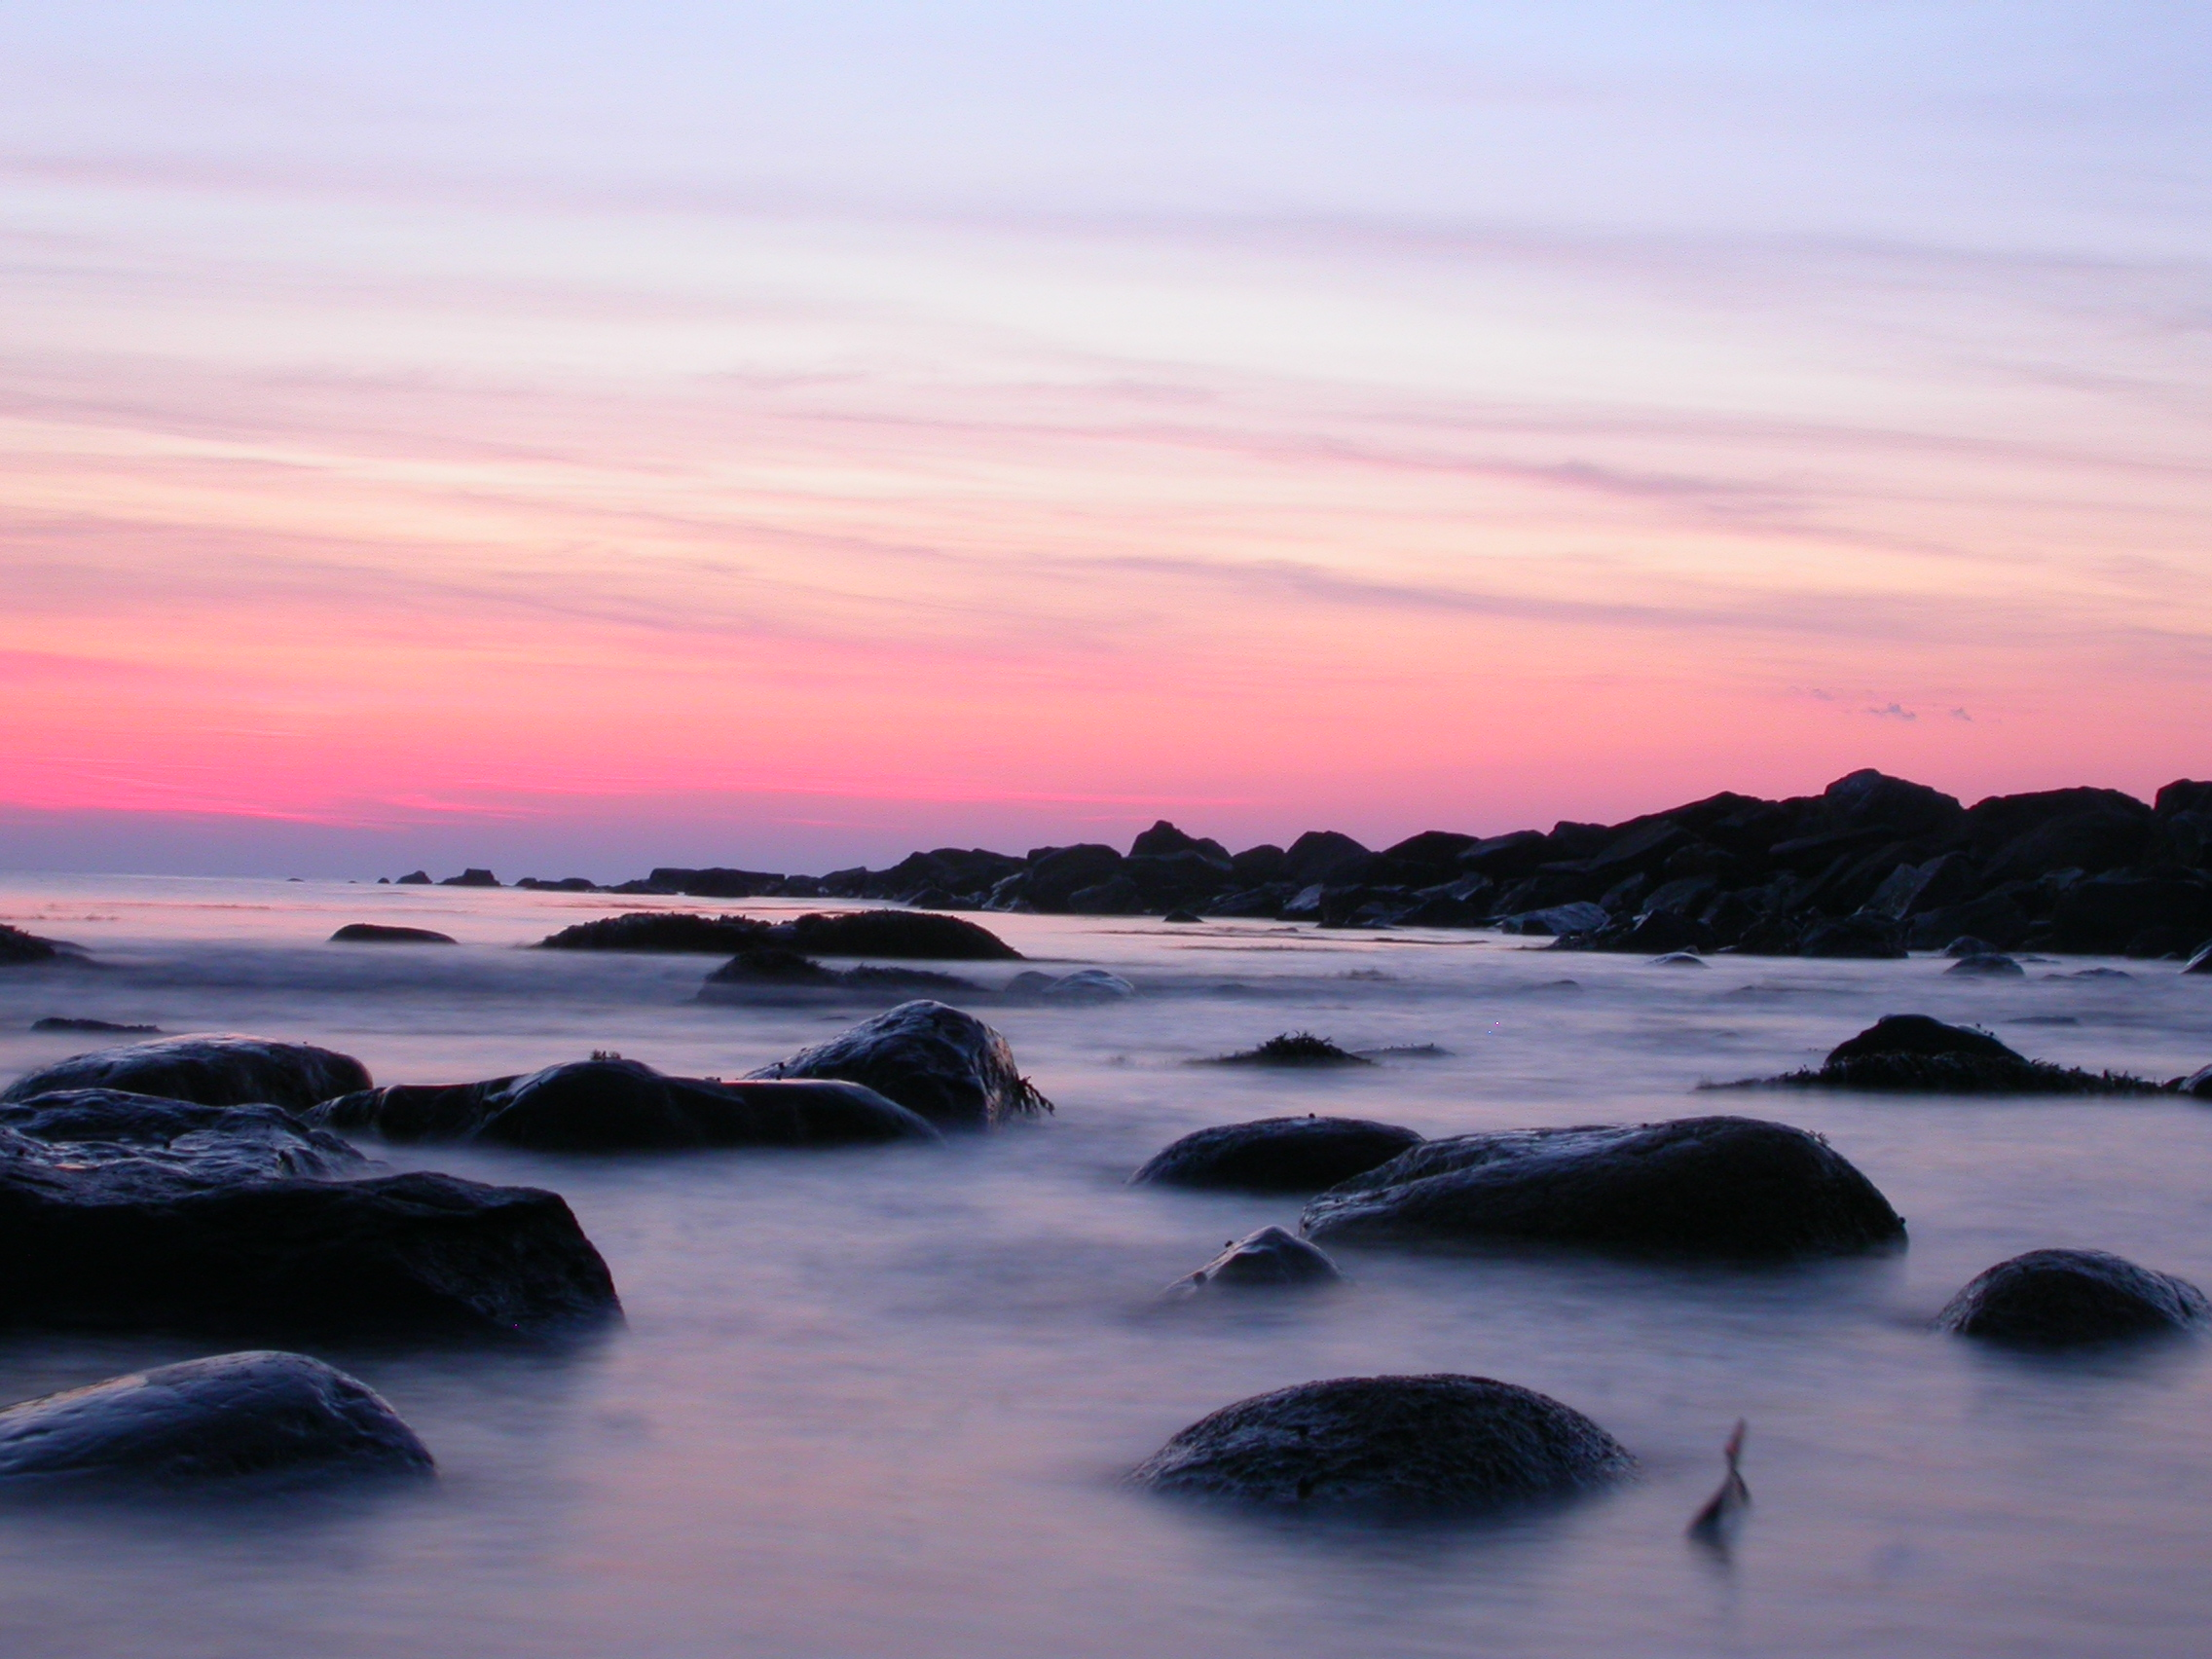 Ocean_Beach%2C_Early_Morning.jpg?uselang=fr